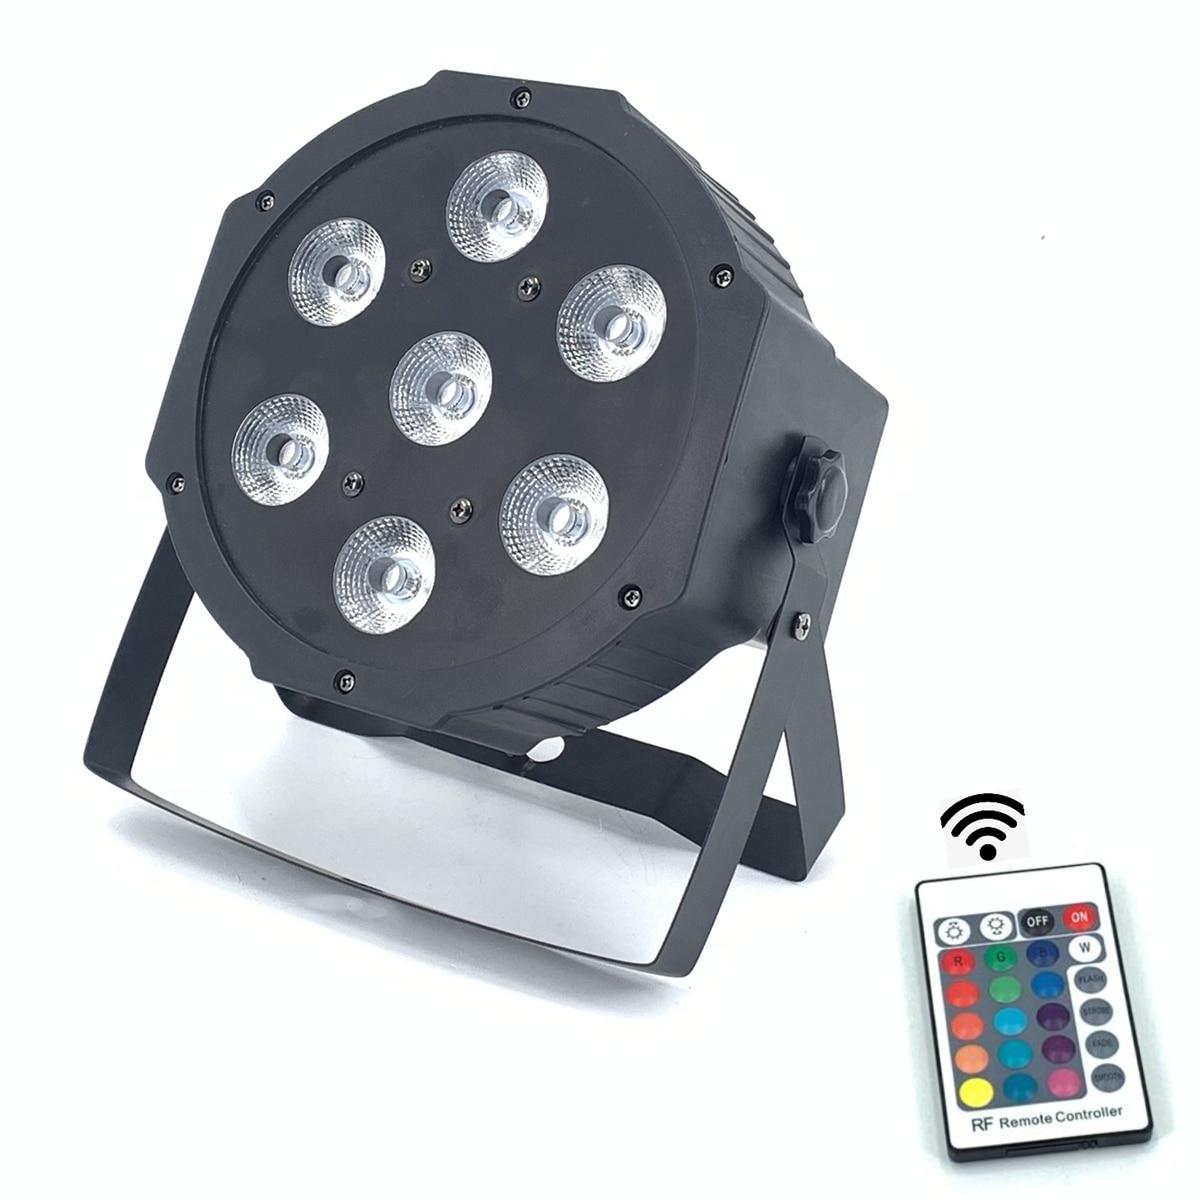 لاسلكي للتحكم عن بعد LED ألمع 8 قنوات dmx كشاف لمبات LED مسطح 7x12 واط RGBW 4IN1 الشحن السريع